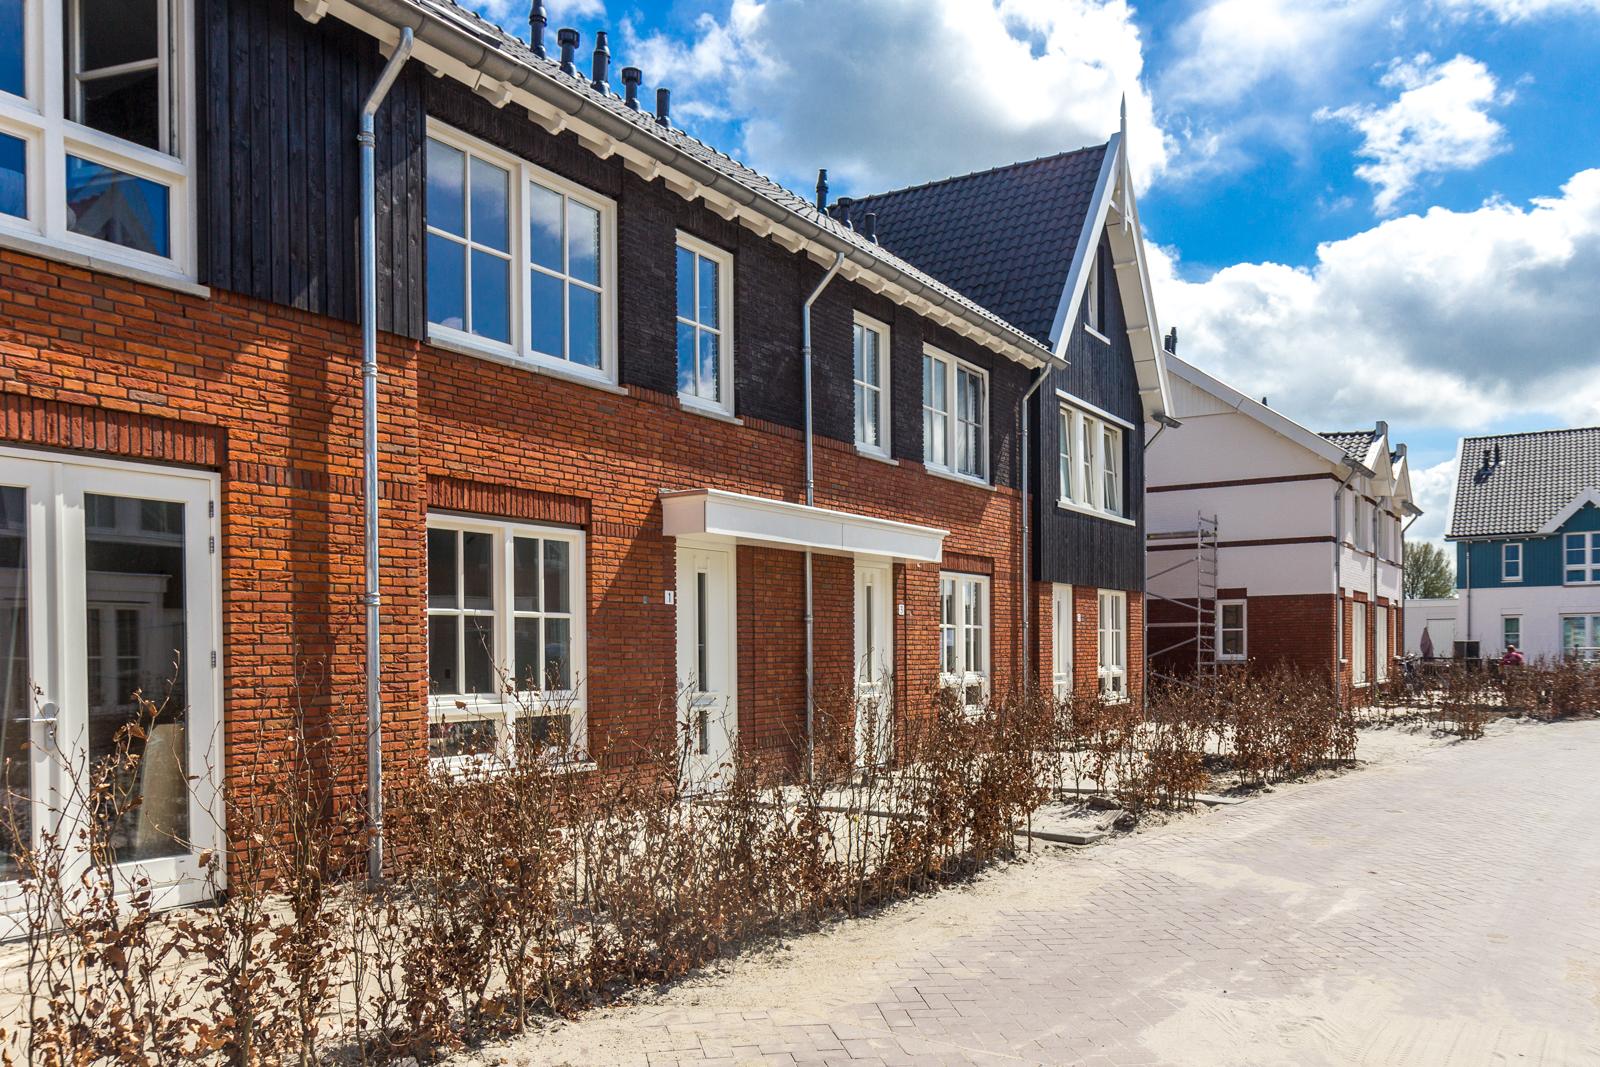 Ackerswoude-Landrijk3-Pijnacker-4398